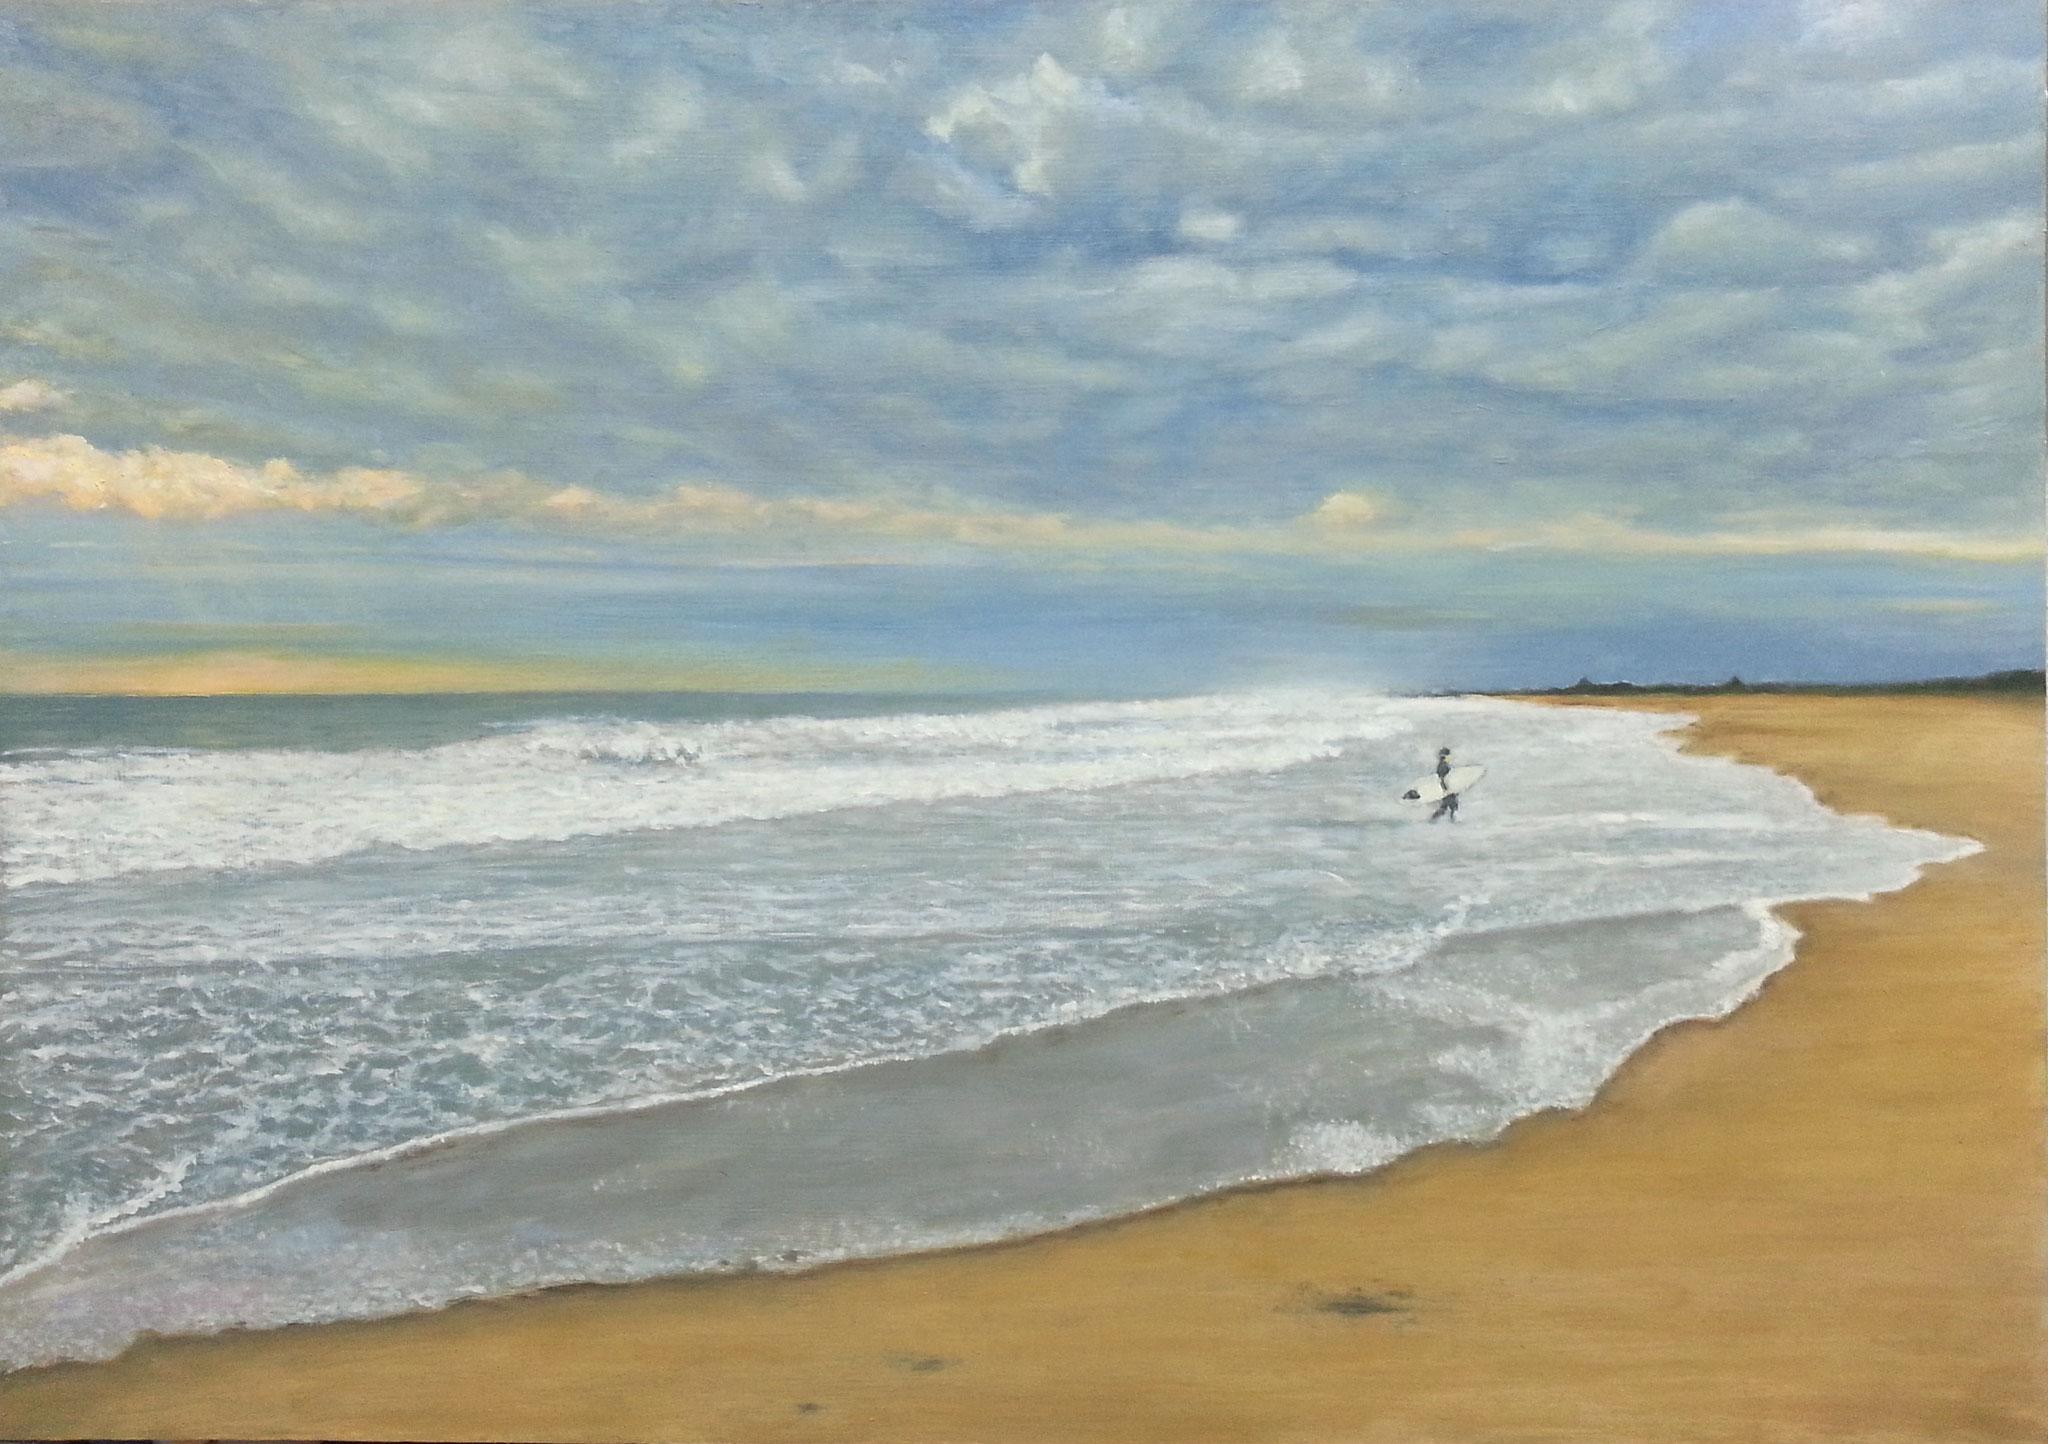 Playa del saler tormentosa